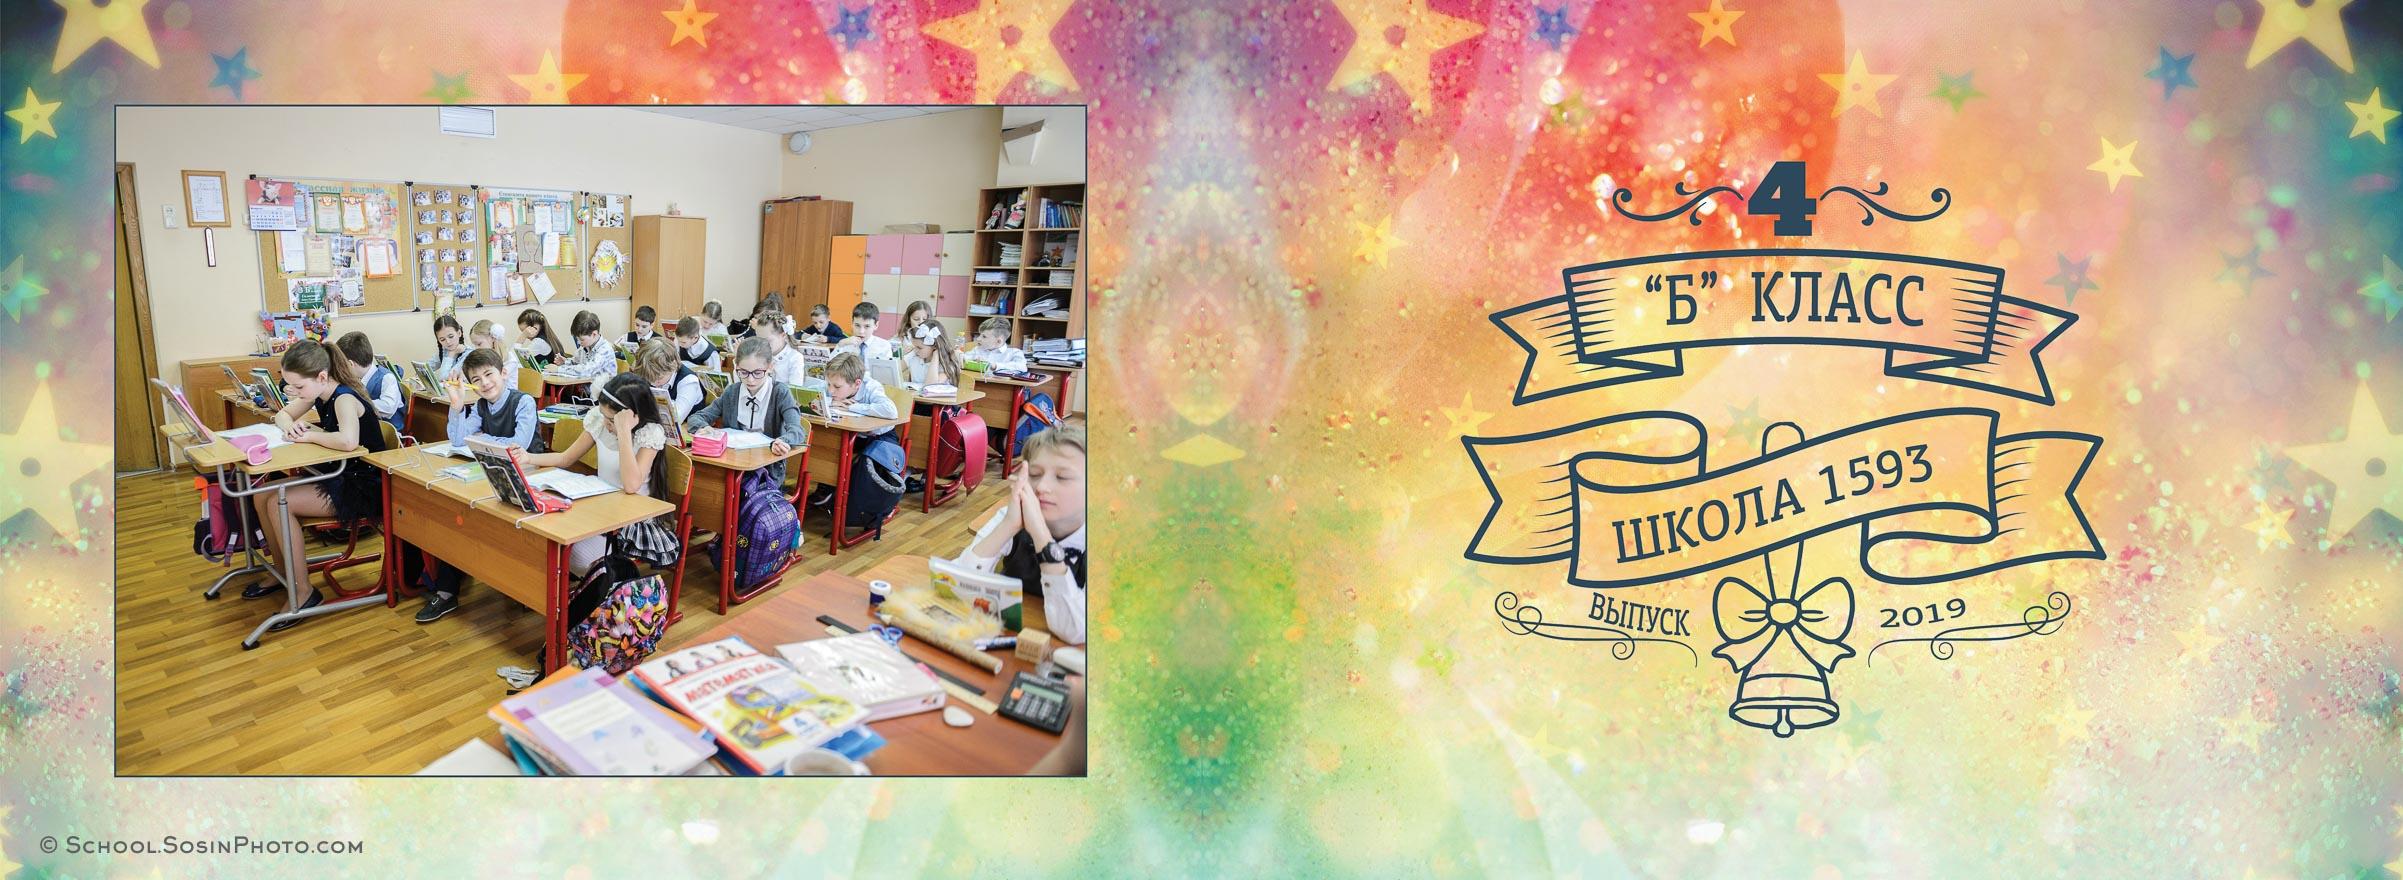 пример неперсональной обложки фотокниги для начальной школы